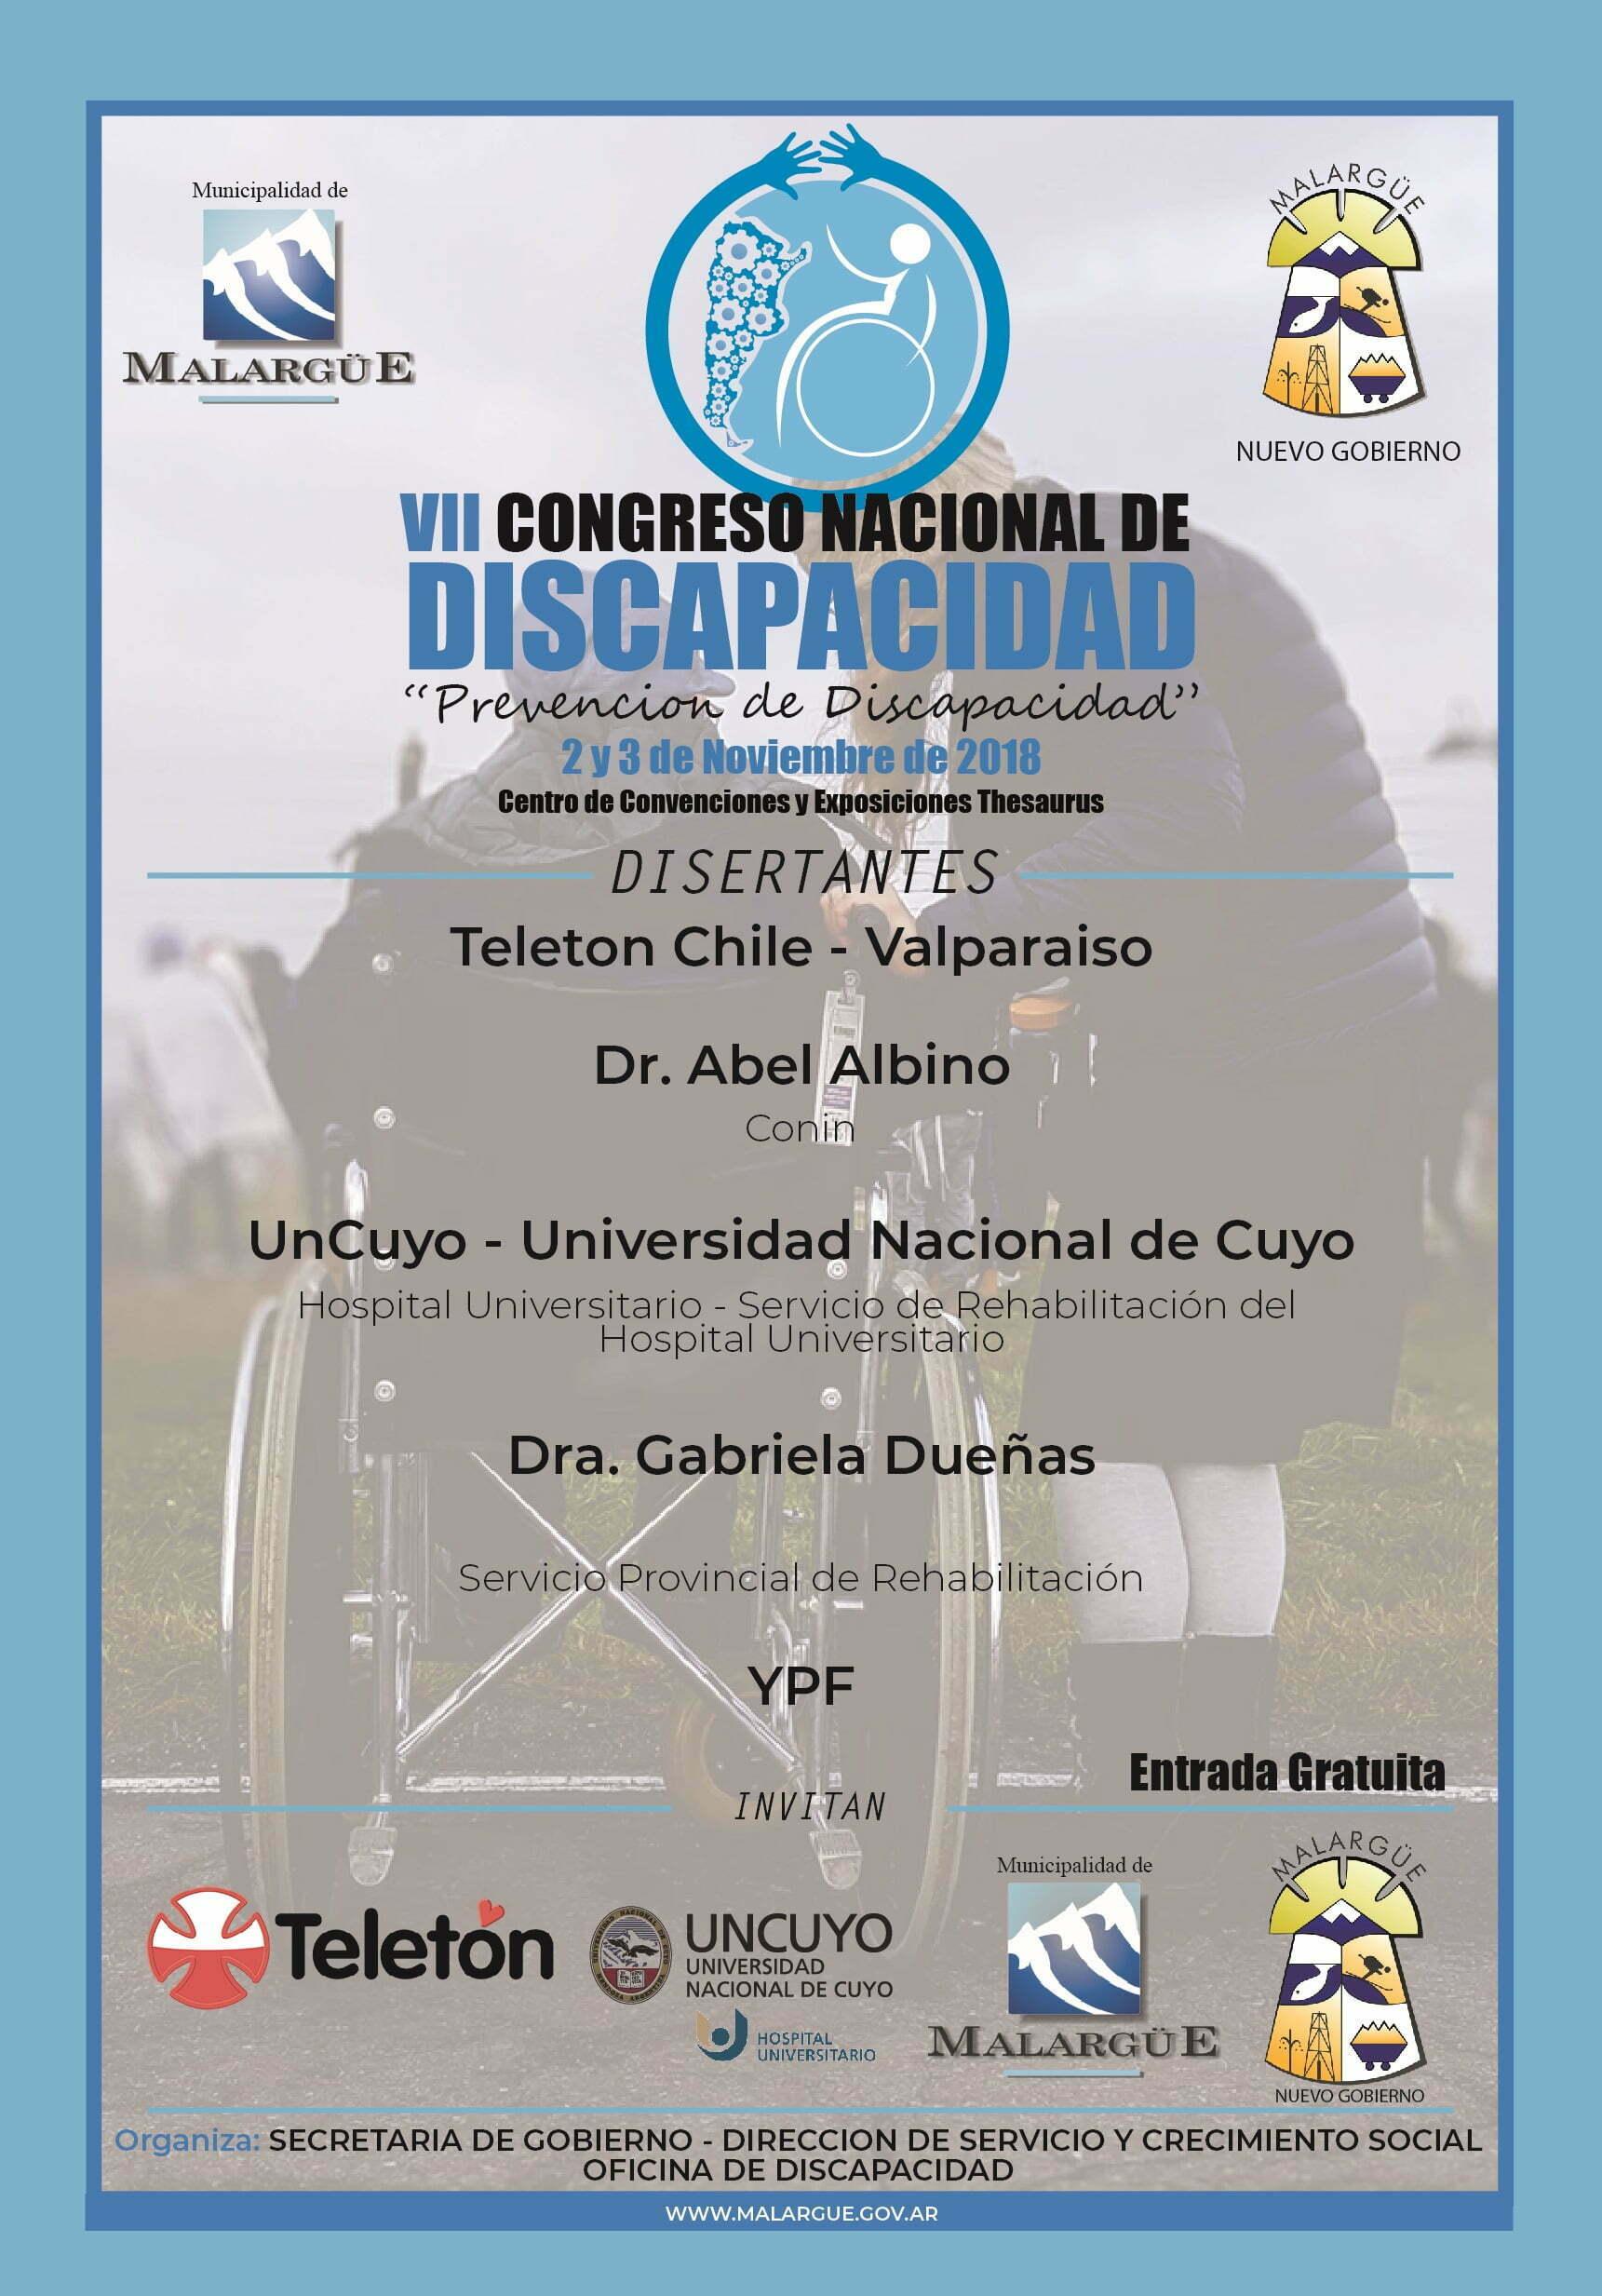 Invitación al VII CONGRESO NACIONAL DE DISCAPACIDAD